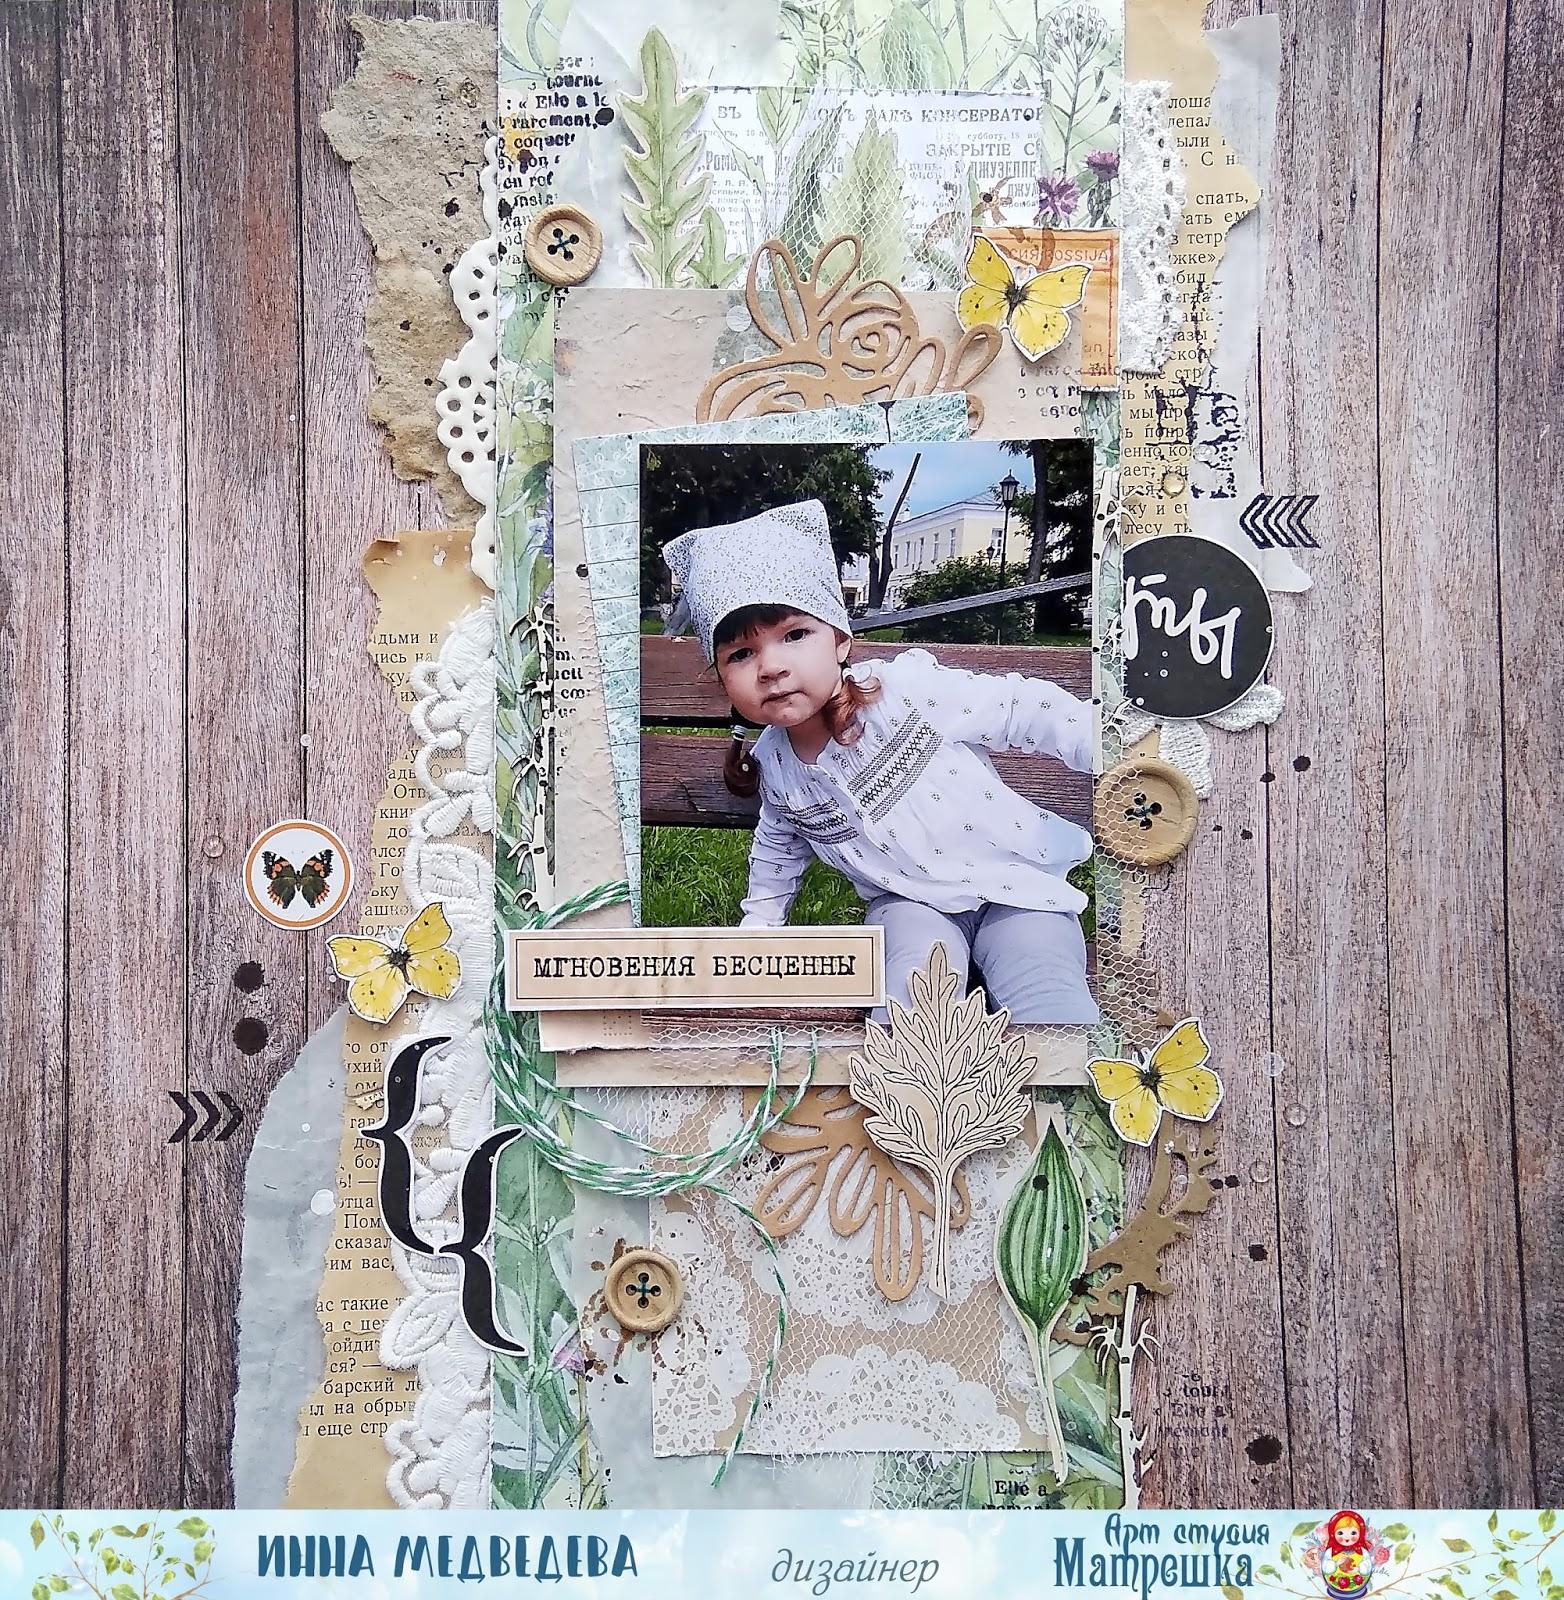 032569bf3fb7 Эко-альбом для вдохновения (2018). Обсуждение на LiveInternet - Российский  Сервис Онлайн-Дневников